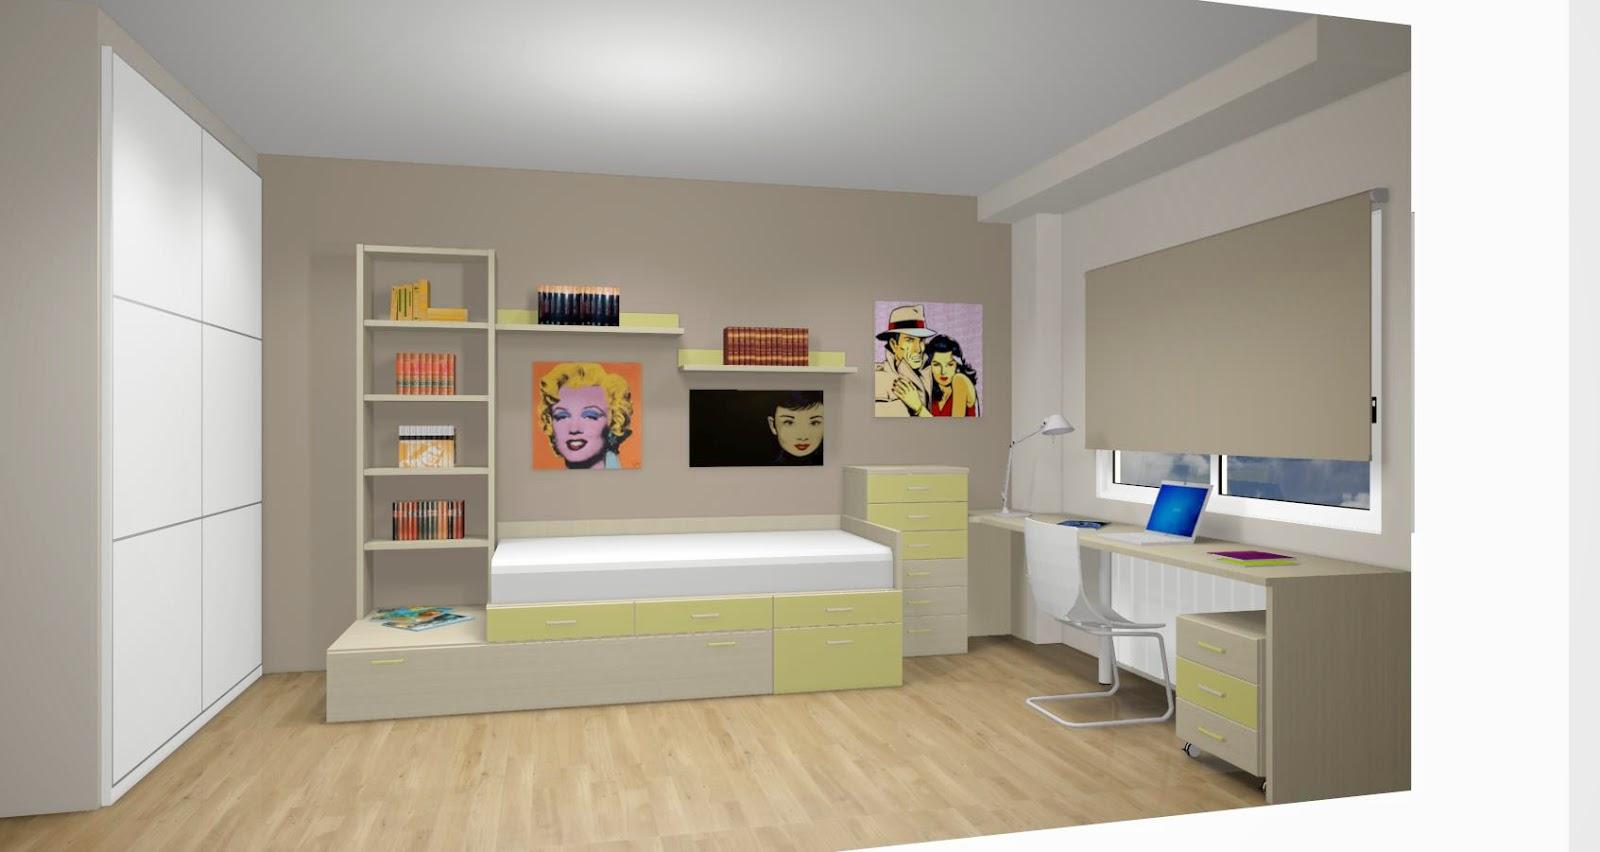 Dise o de cuartos o dormitorios juveniles - Habitaciones modulares juveniles ...